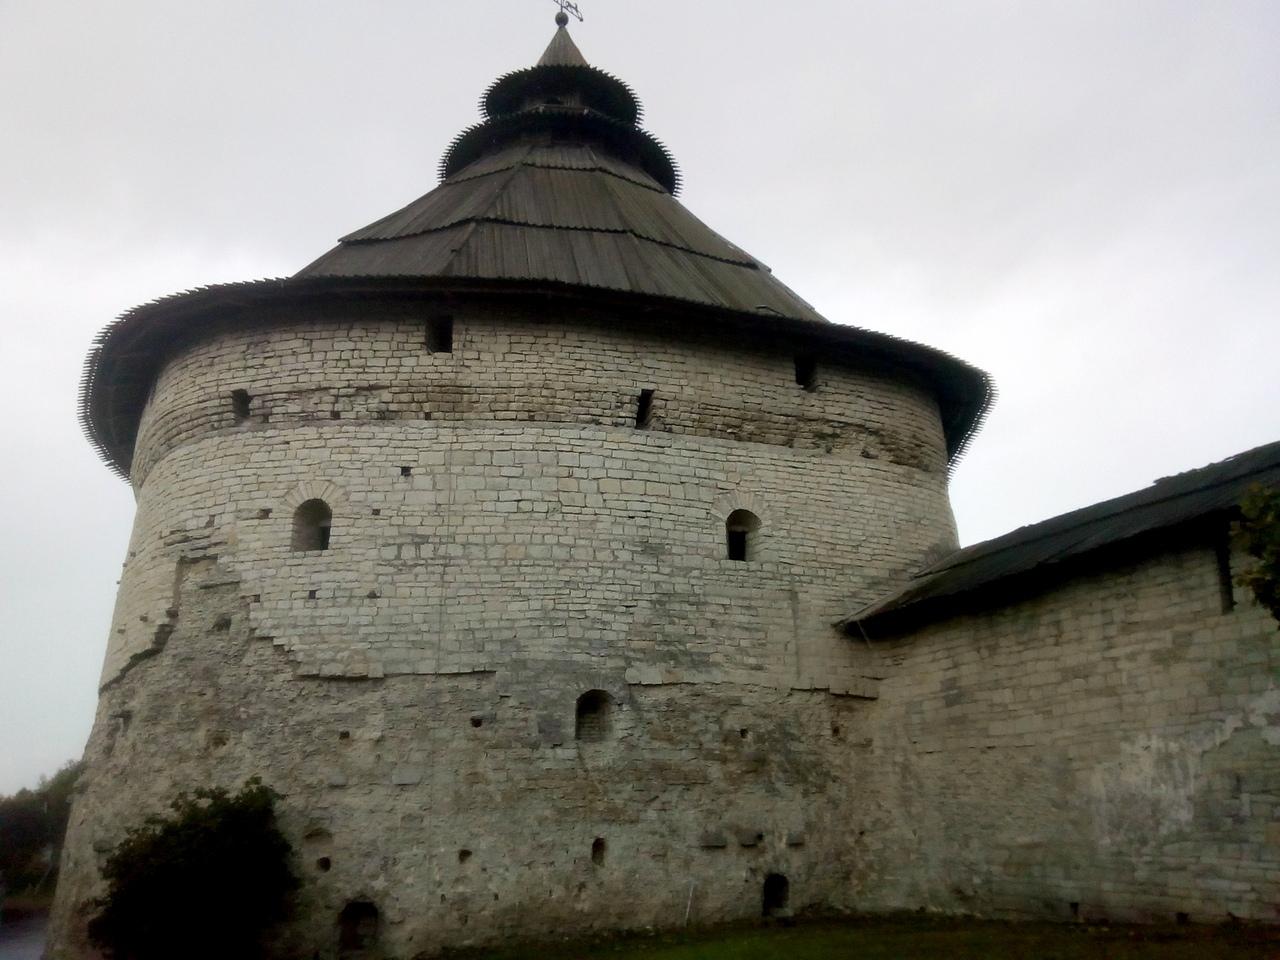 Псковская крепость. Прогулка вдоль ее стен и башен. Самая большая крепость России за всю ее историю россия